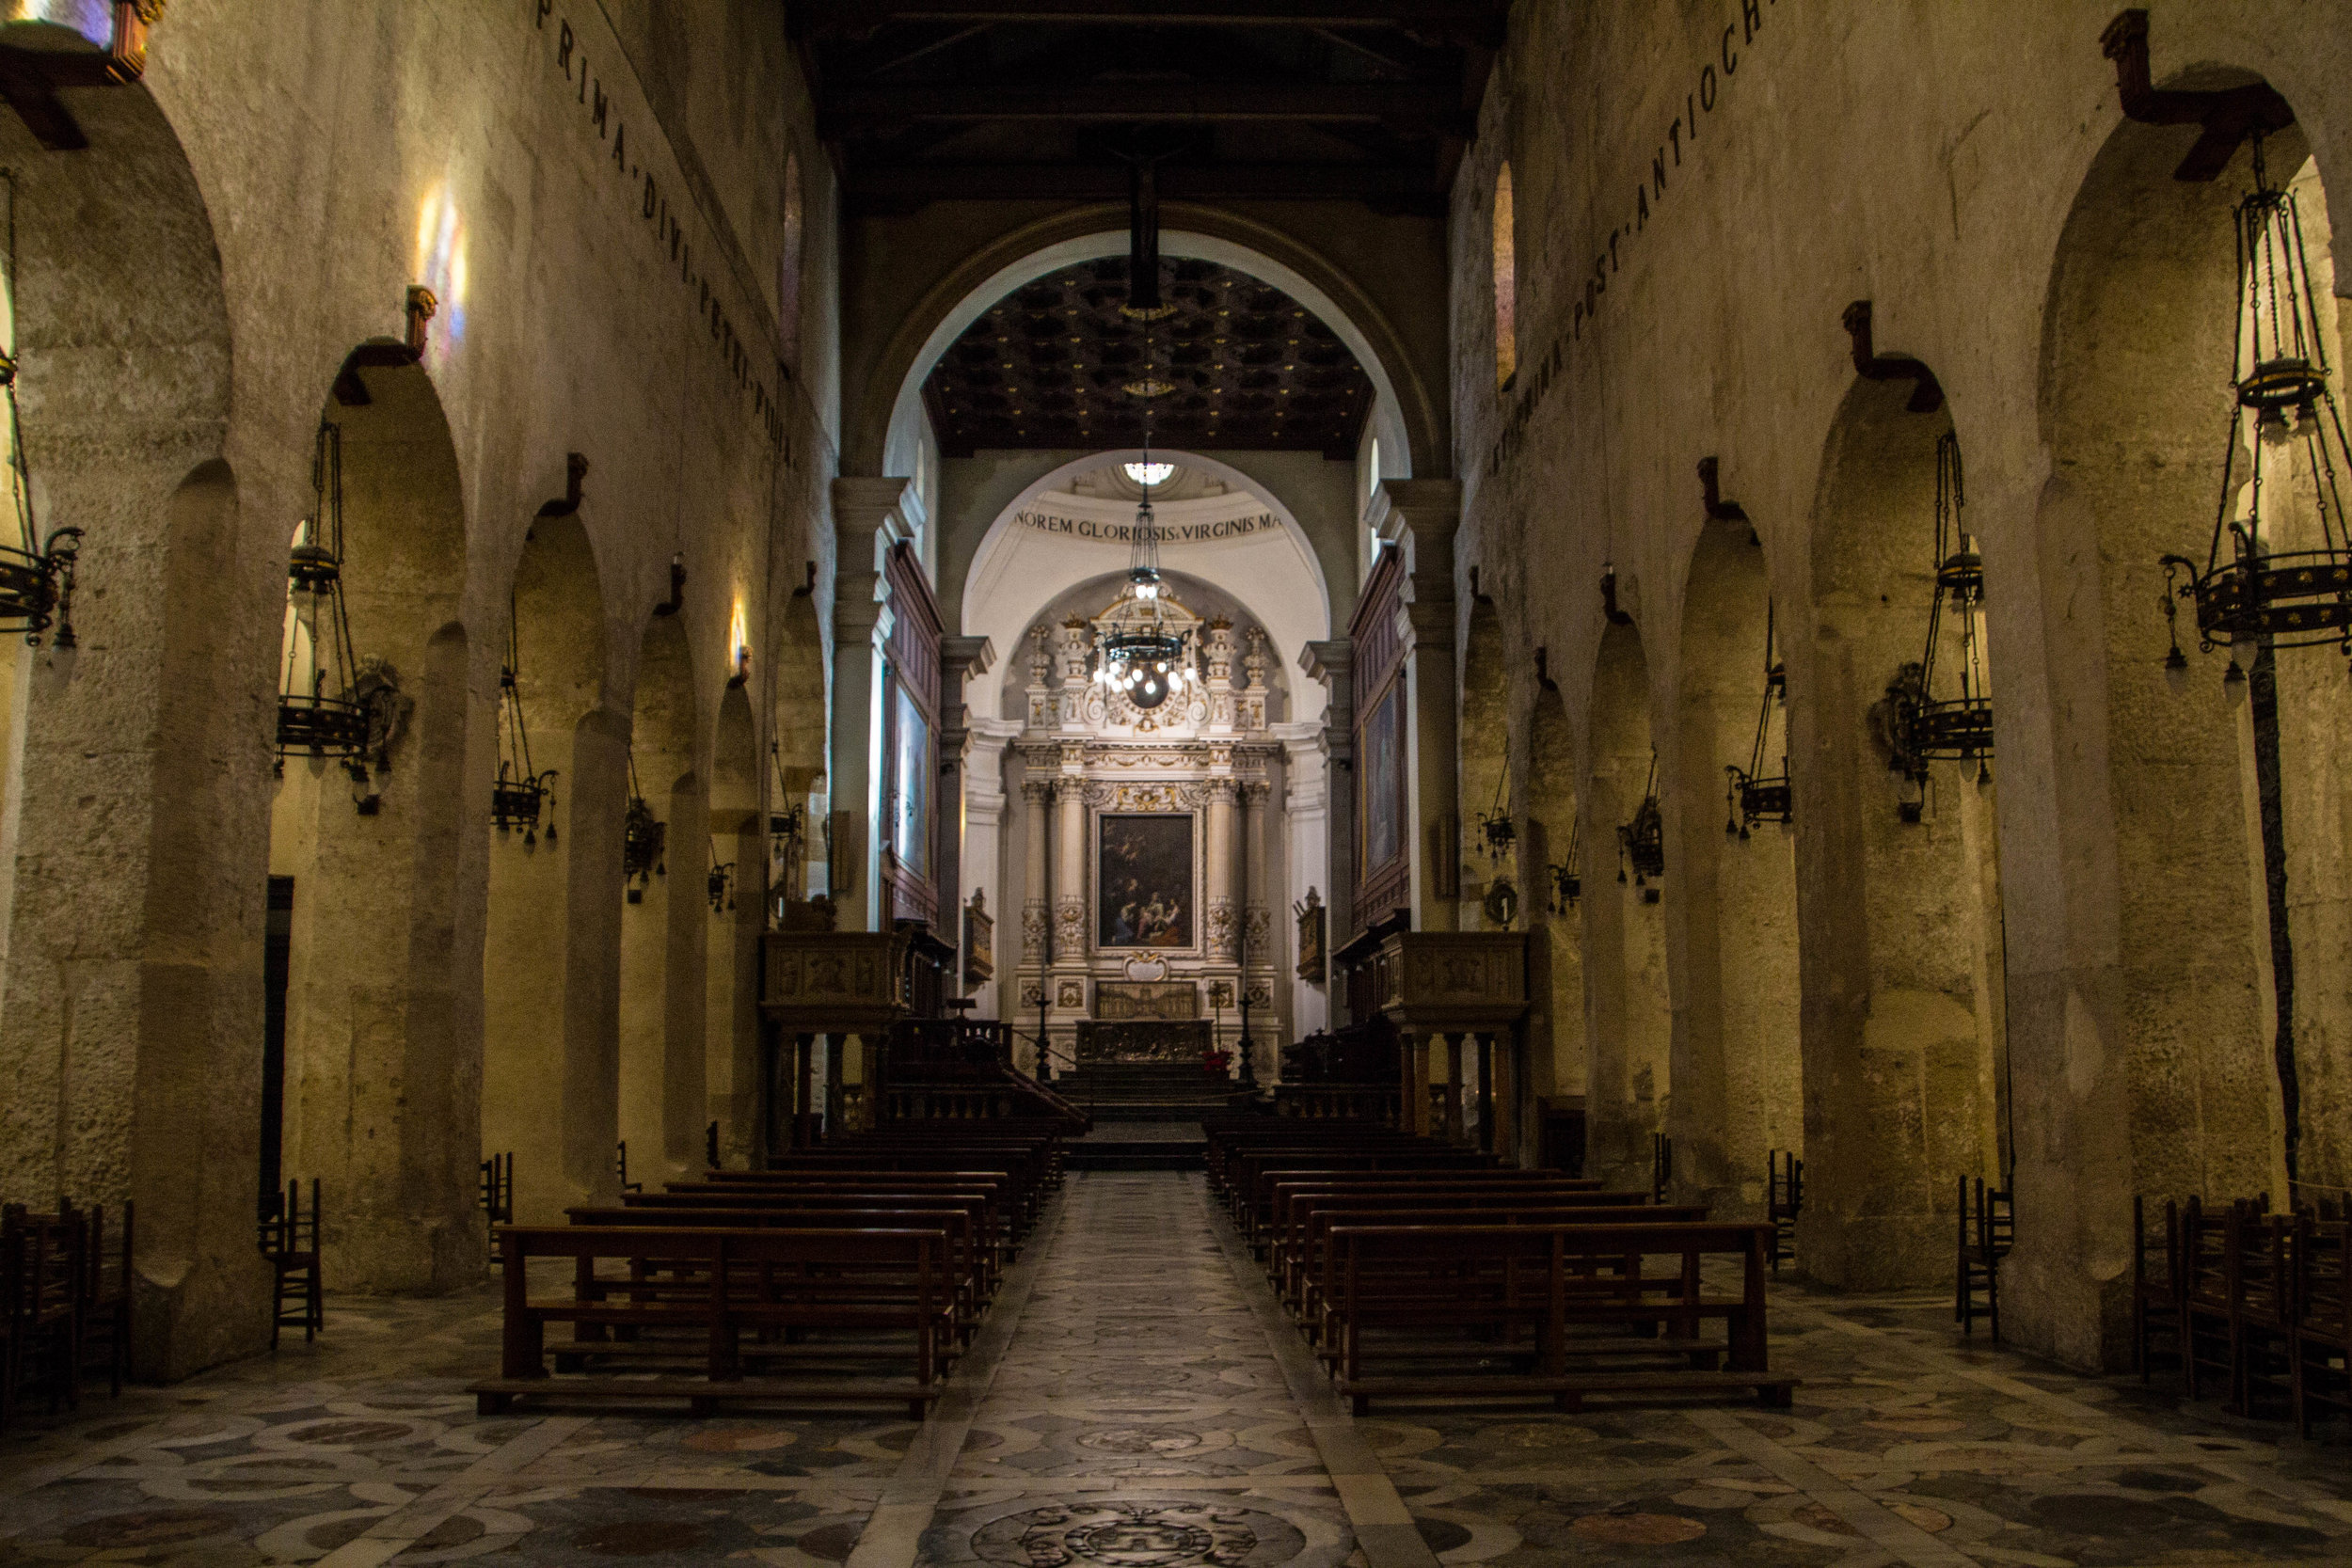 cattedrale-nativita-di-maria-santissima-ortygia-syracuse-sicily-2.jpg